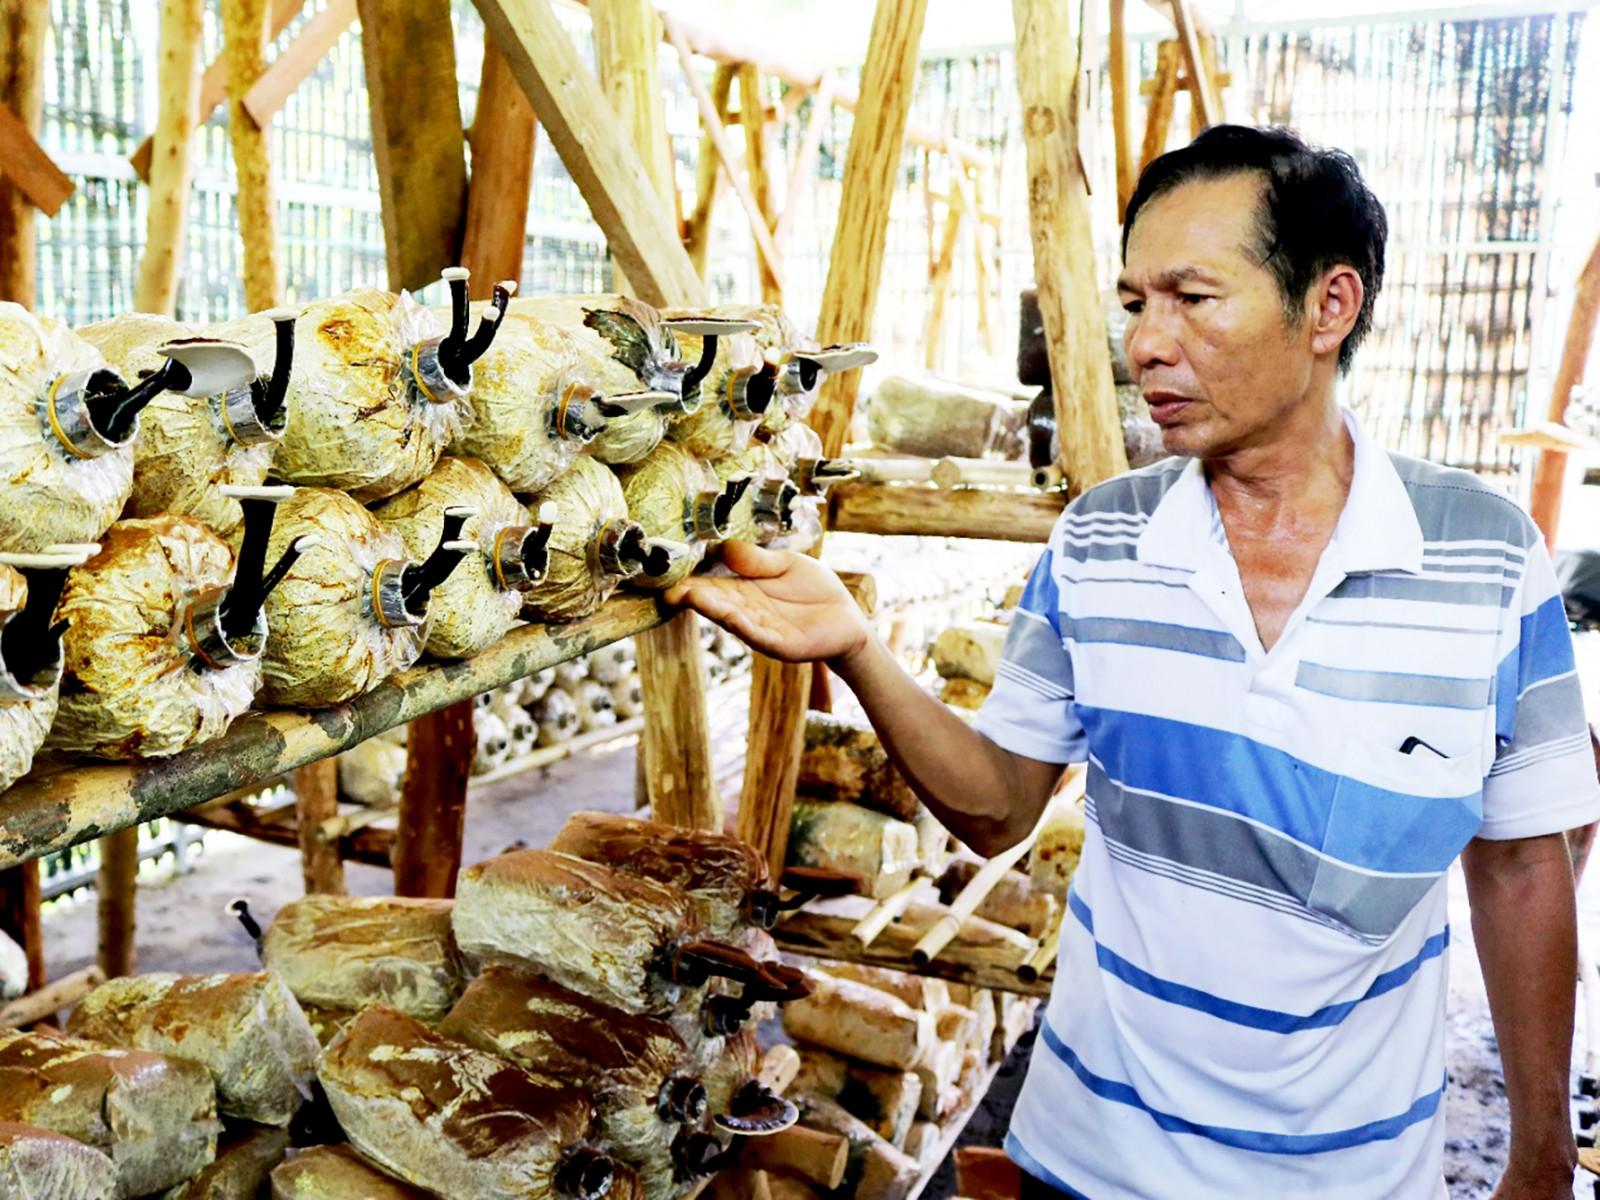 Bảo tồn nguồn gen nấm Linh chi tại Vườn quốc gia Phước Bình, xã Phước Bình, huyện Bác Ái, tỉnh Ninh Thuận. Ảnh: Nguyễn Thành – TTXVN